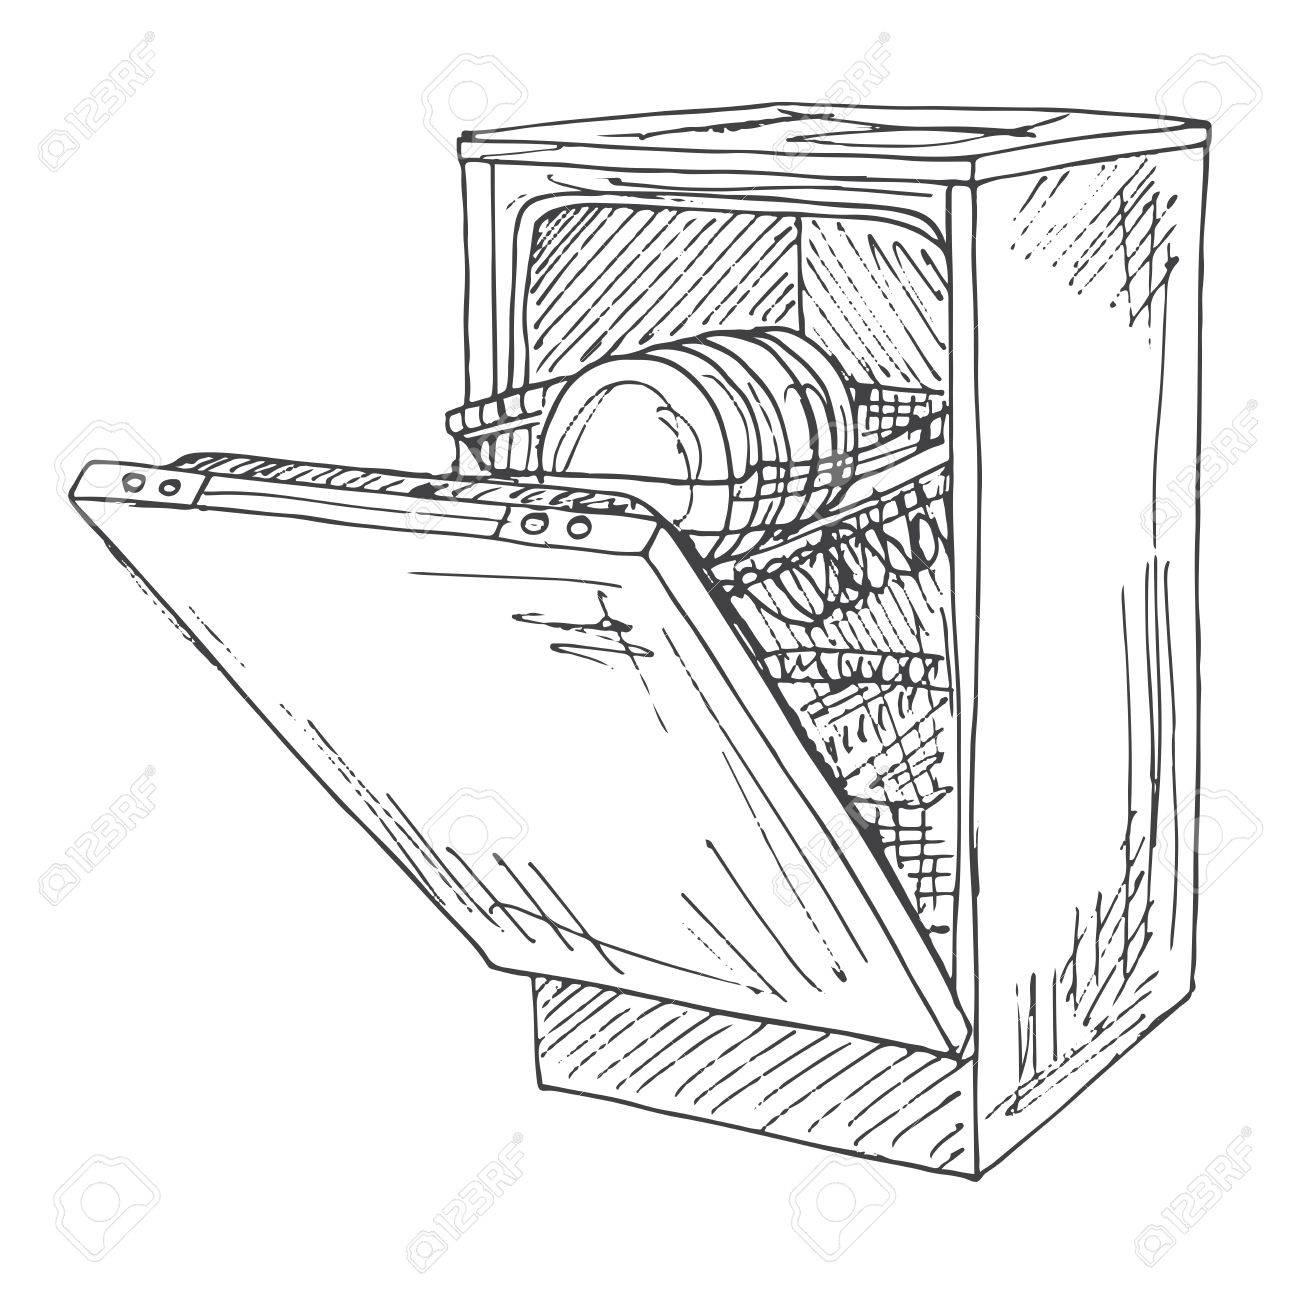 1300x1300 Dishwasher Isolated On White Background. Vector Illustration